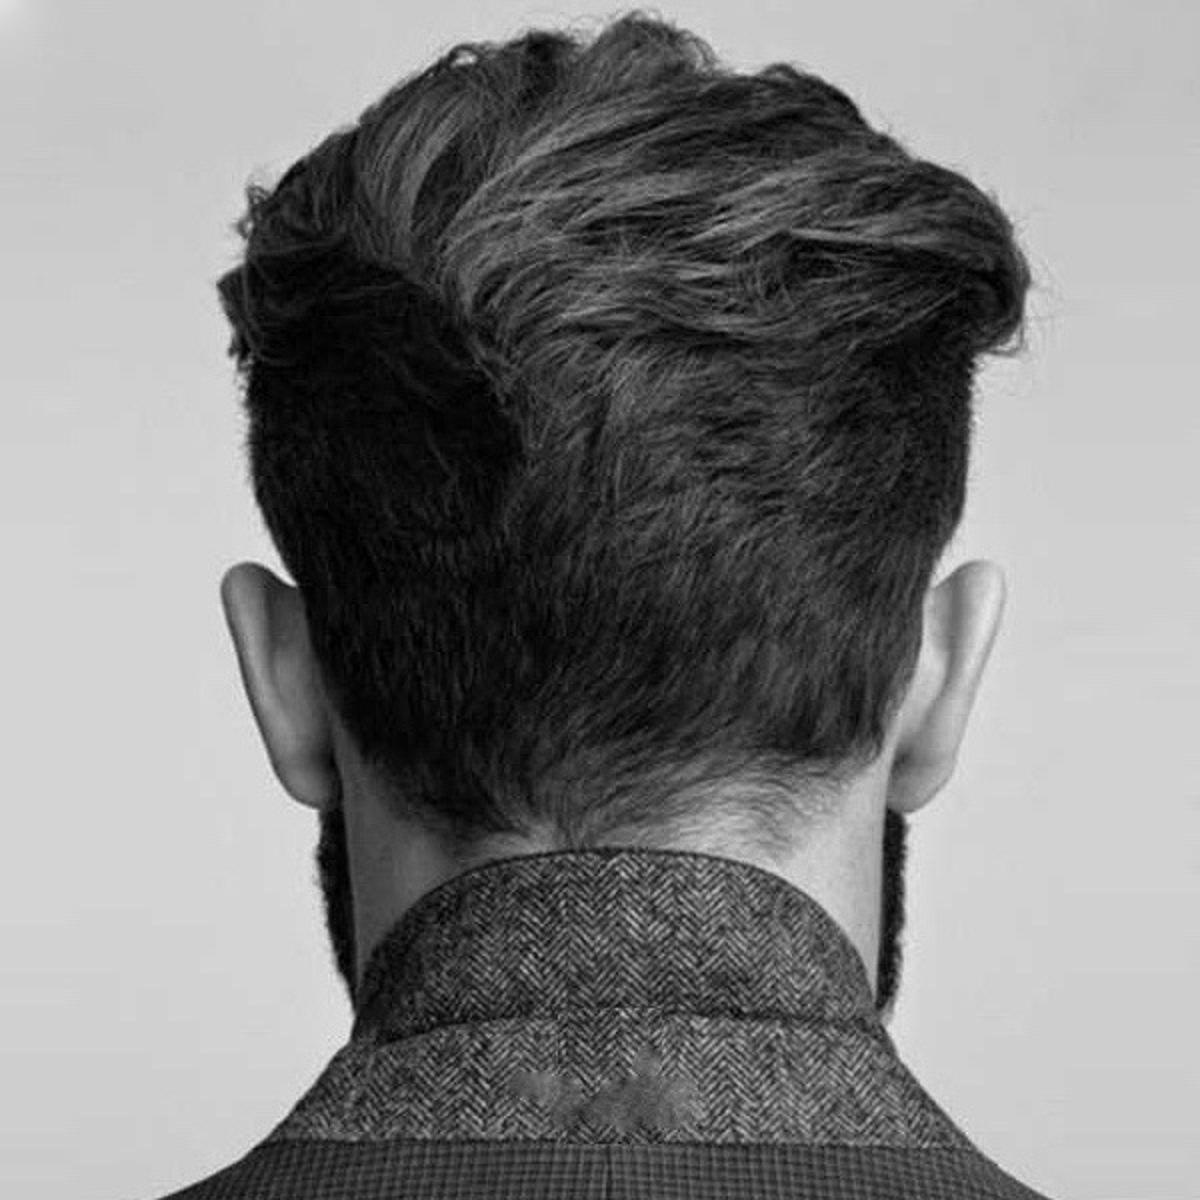 若々しくいるための『ヘアスタイリング』|ワックス・スプレーセット | 脱ぺったんこヘア!ボリュームと動きを出したら、スプレーで長時間キープ